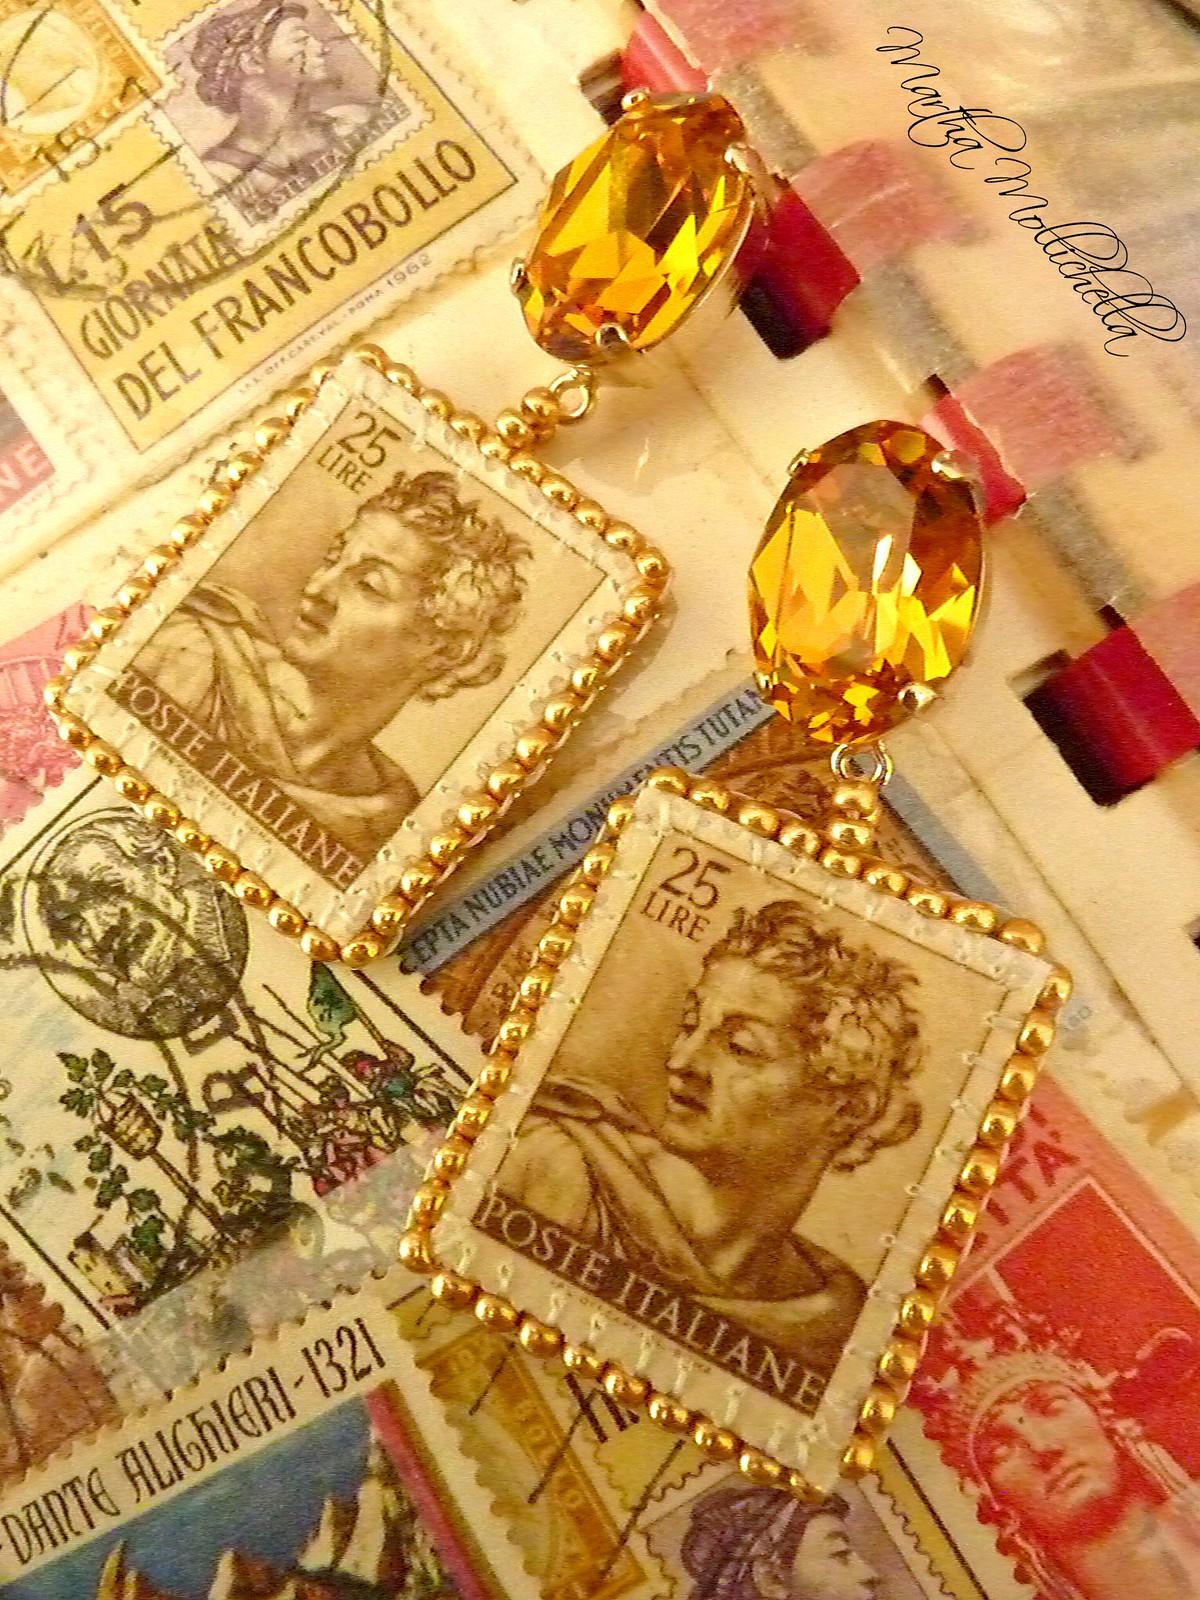 Filatelia, collezionismo di francobolli, gioielli filatelici, gioielli francobolli, francobolli fatti a mano da Martha Mollichella